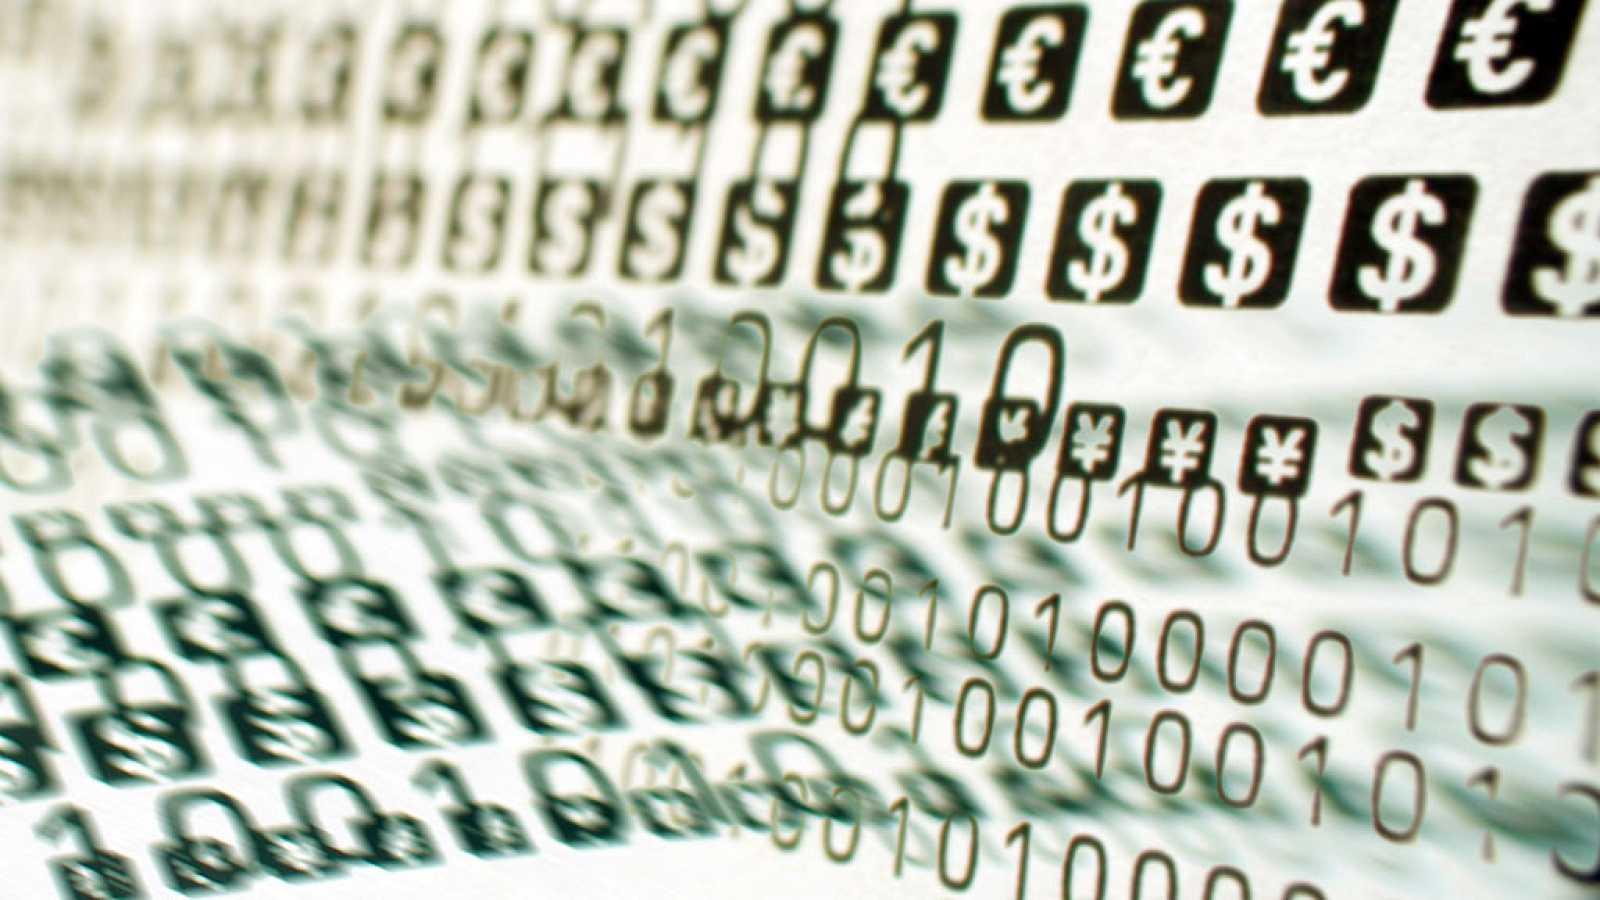 El canto del grillo - ¿Qué es la criptografía? - Escuchar ahora